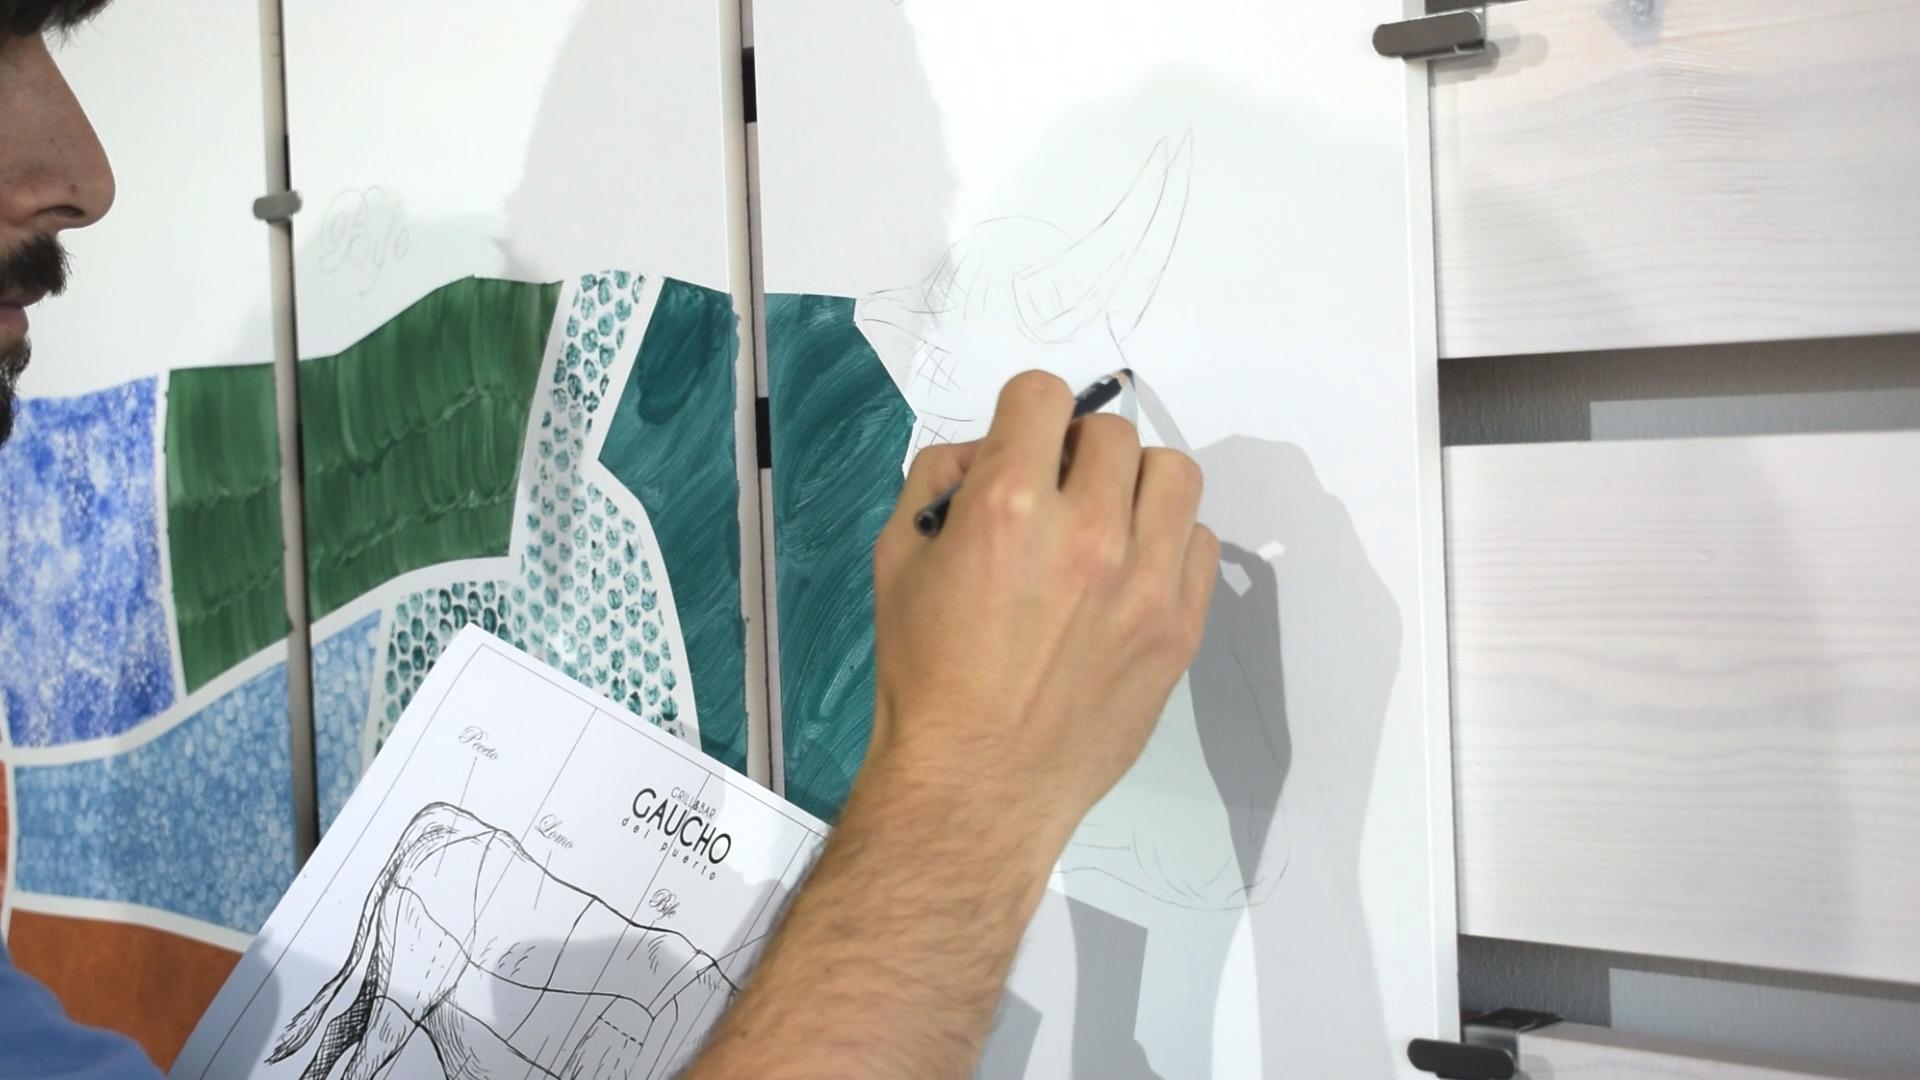 Mural Bathco Atelier de Gaucho del Puerto